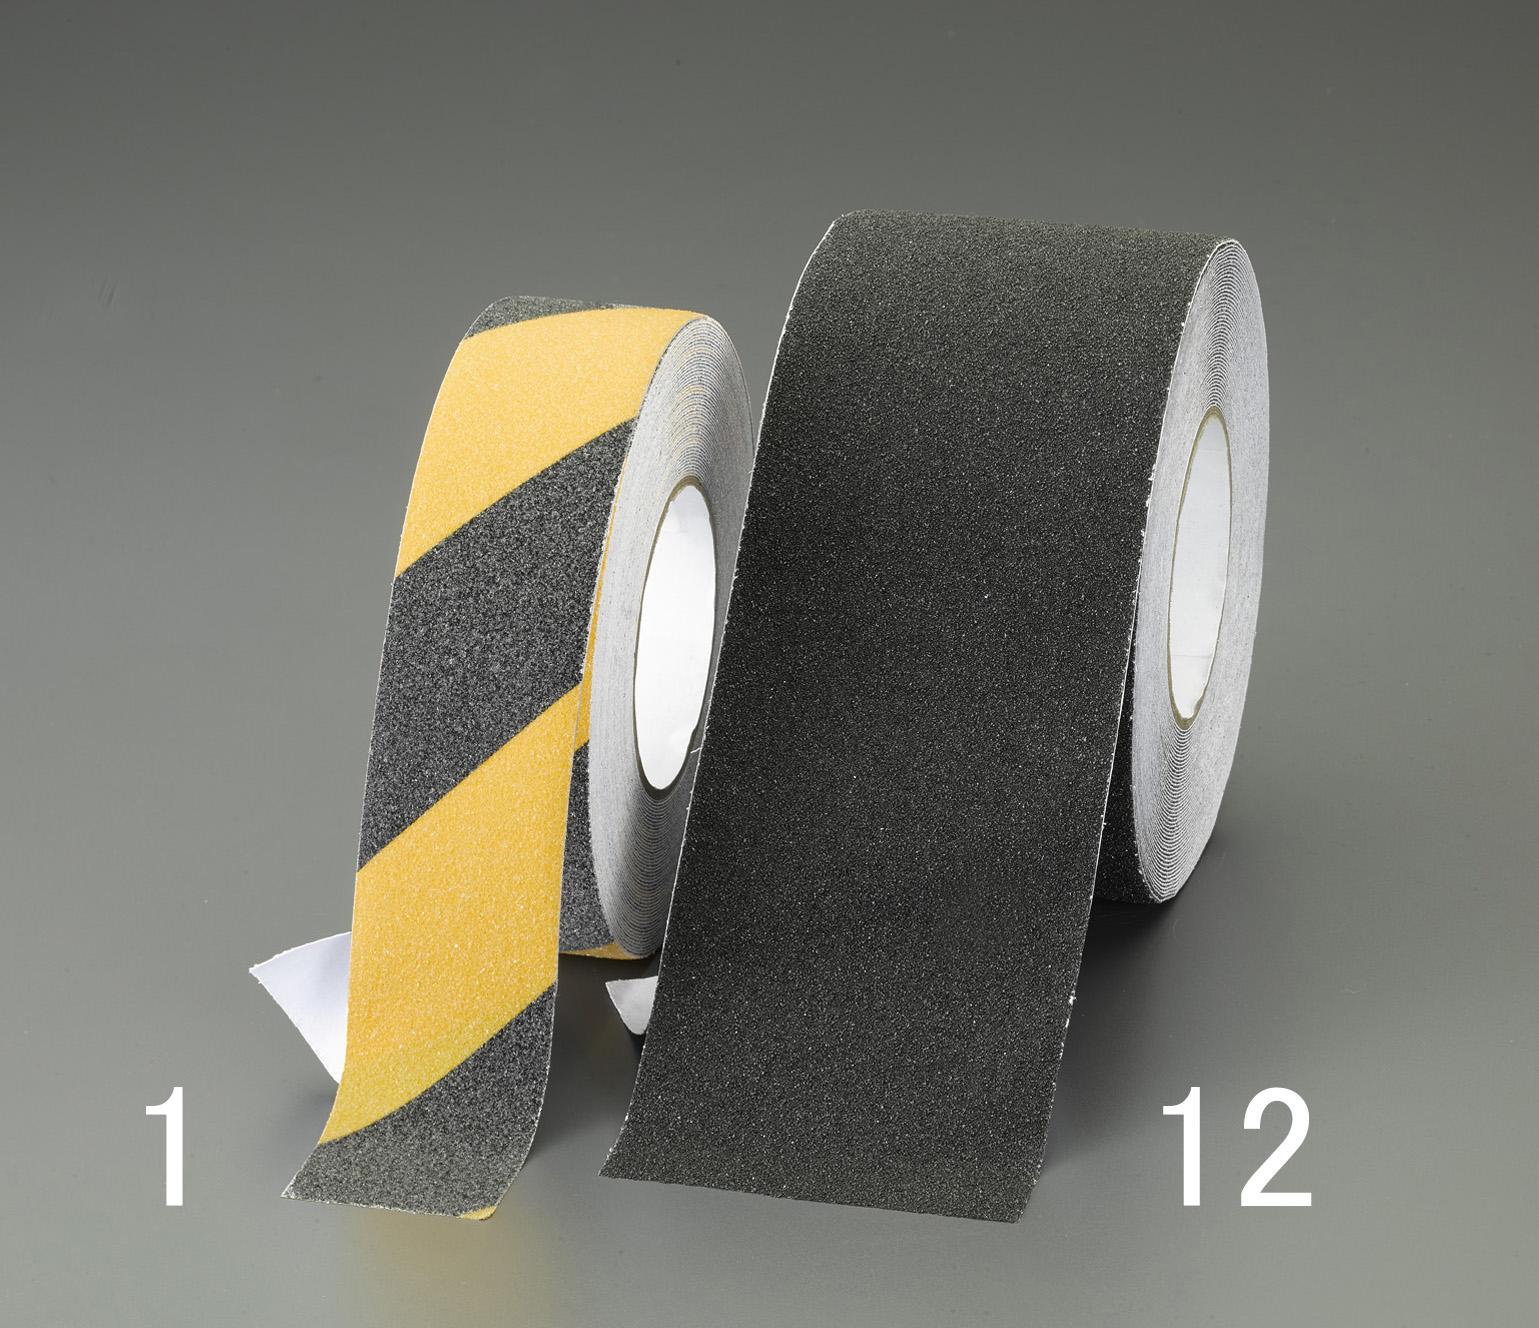 テープ 滑り 止め